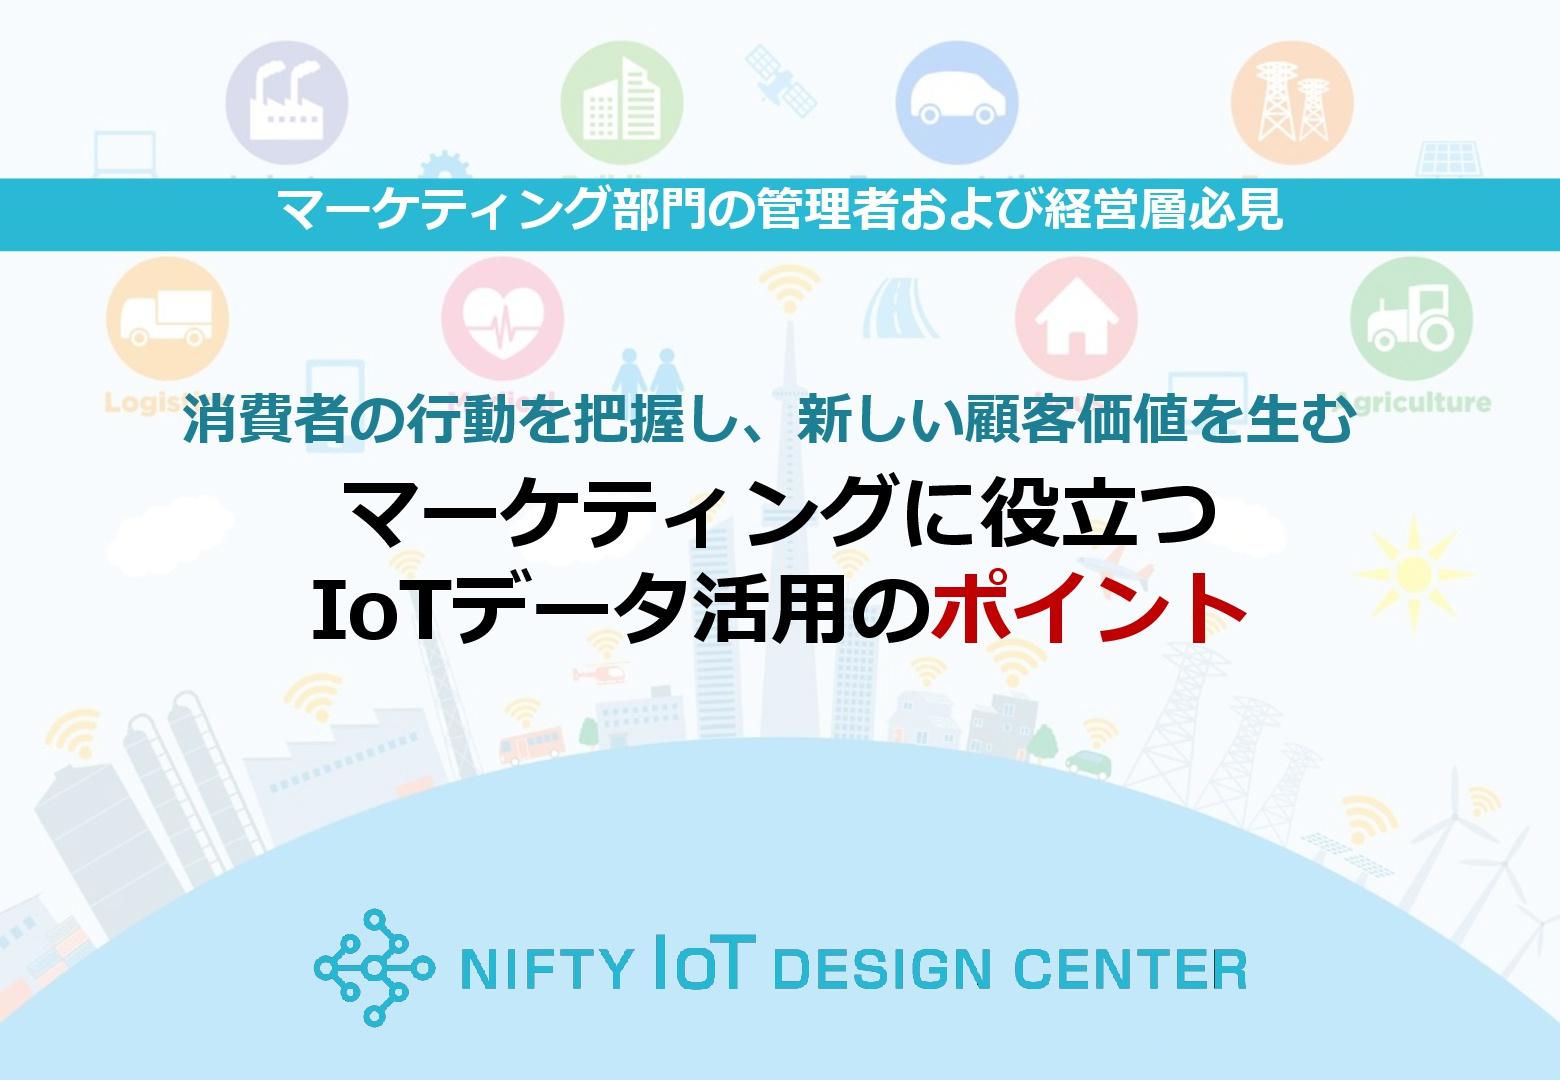 富士通クラウドテクノロジーズ株式会社